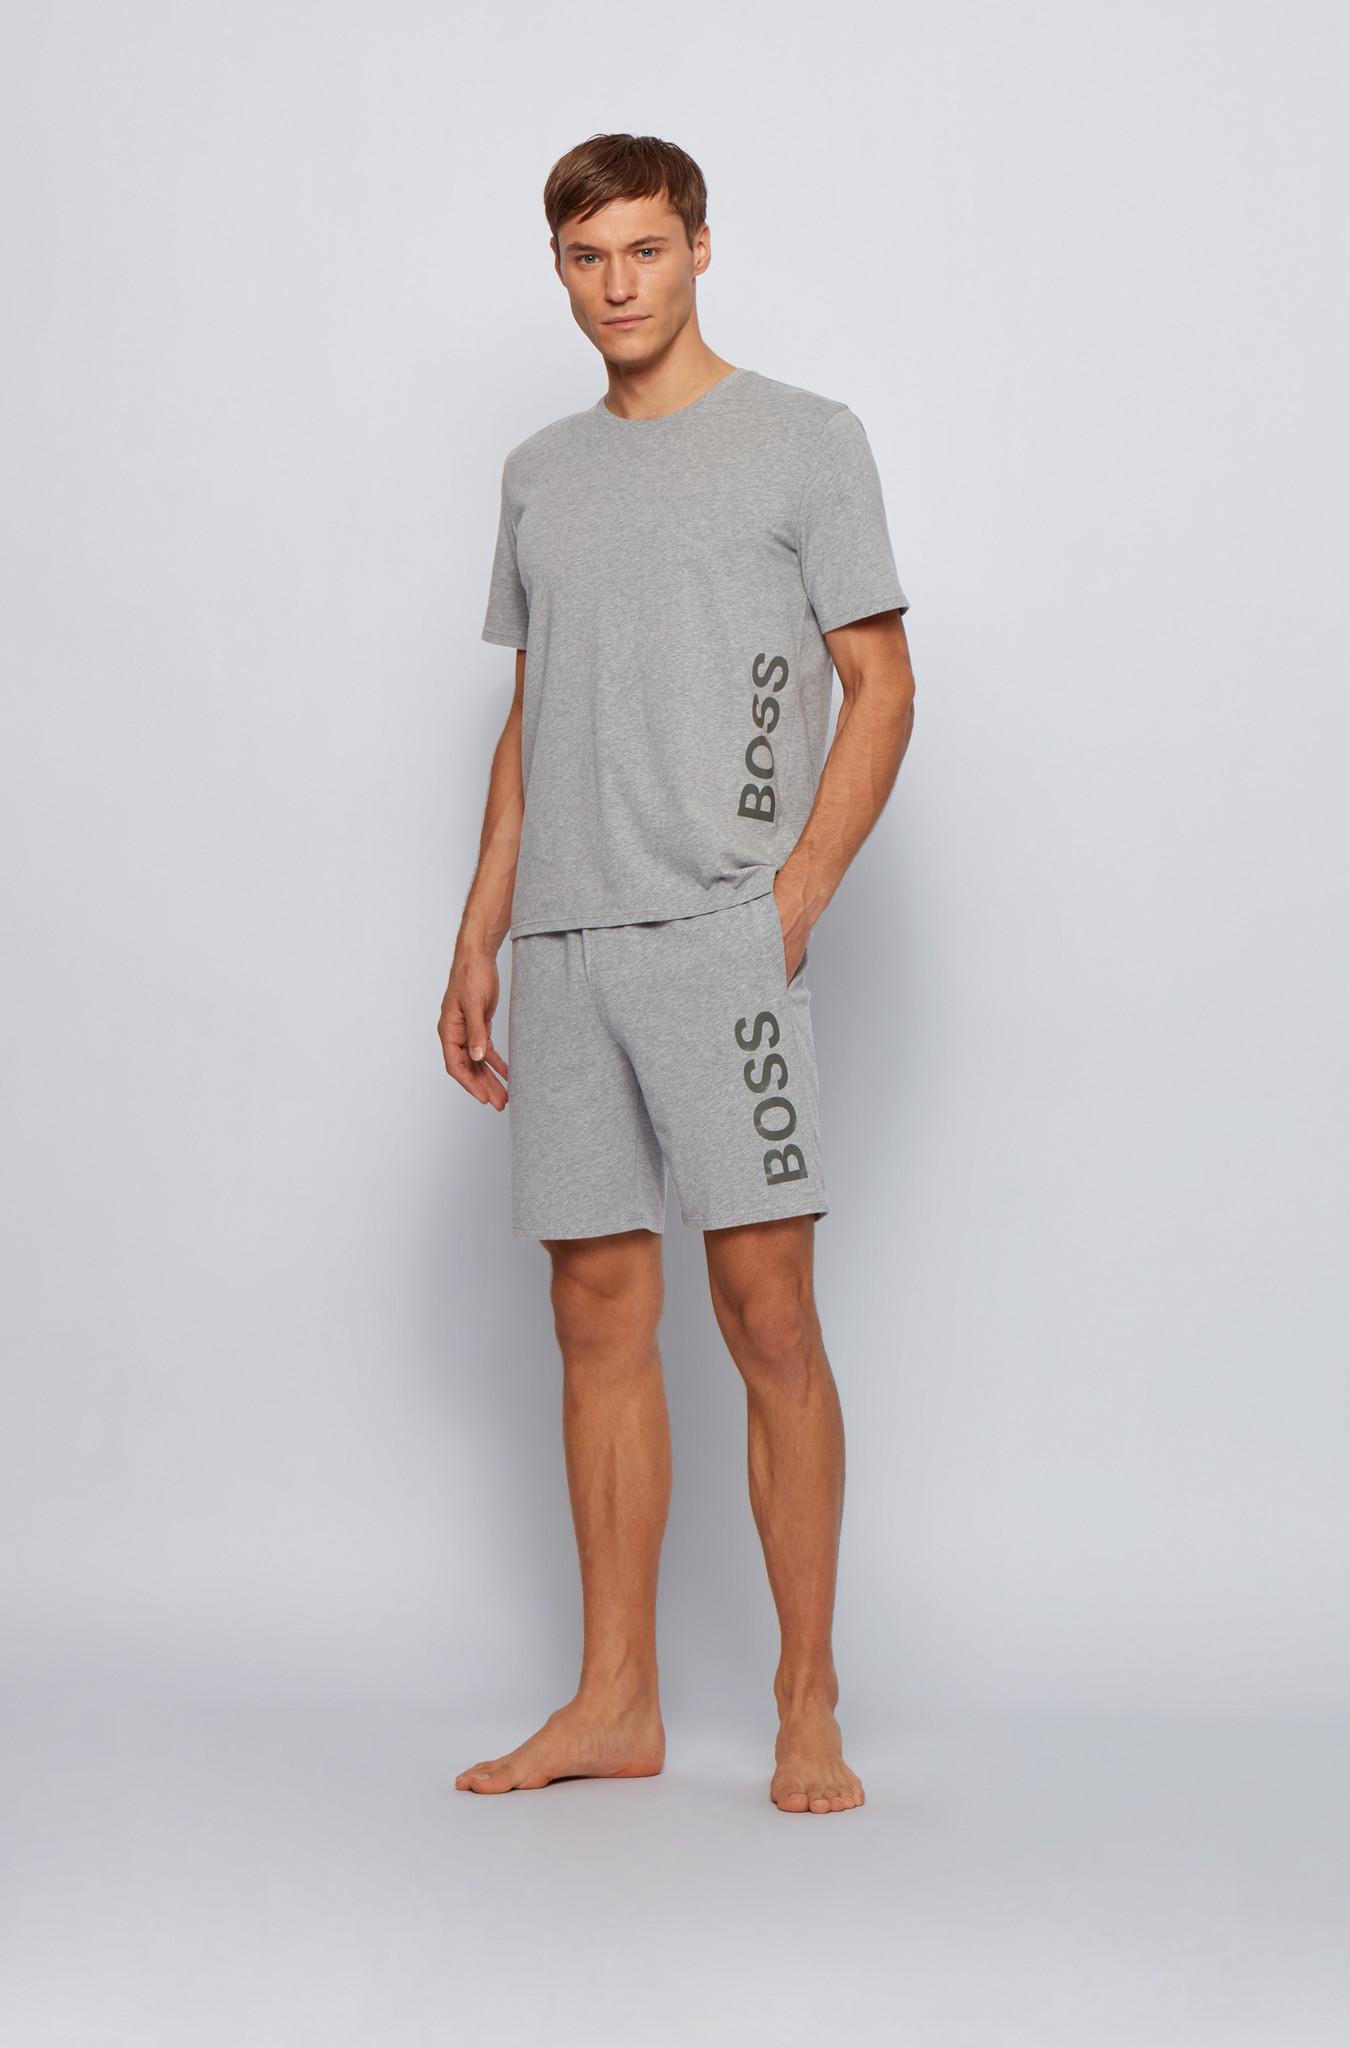 Hugo Boss T-shirt Hugo Boss 50442645-033